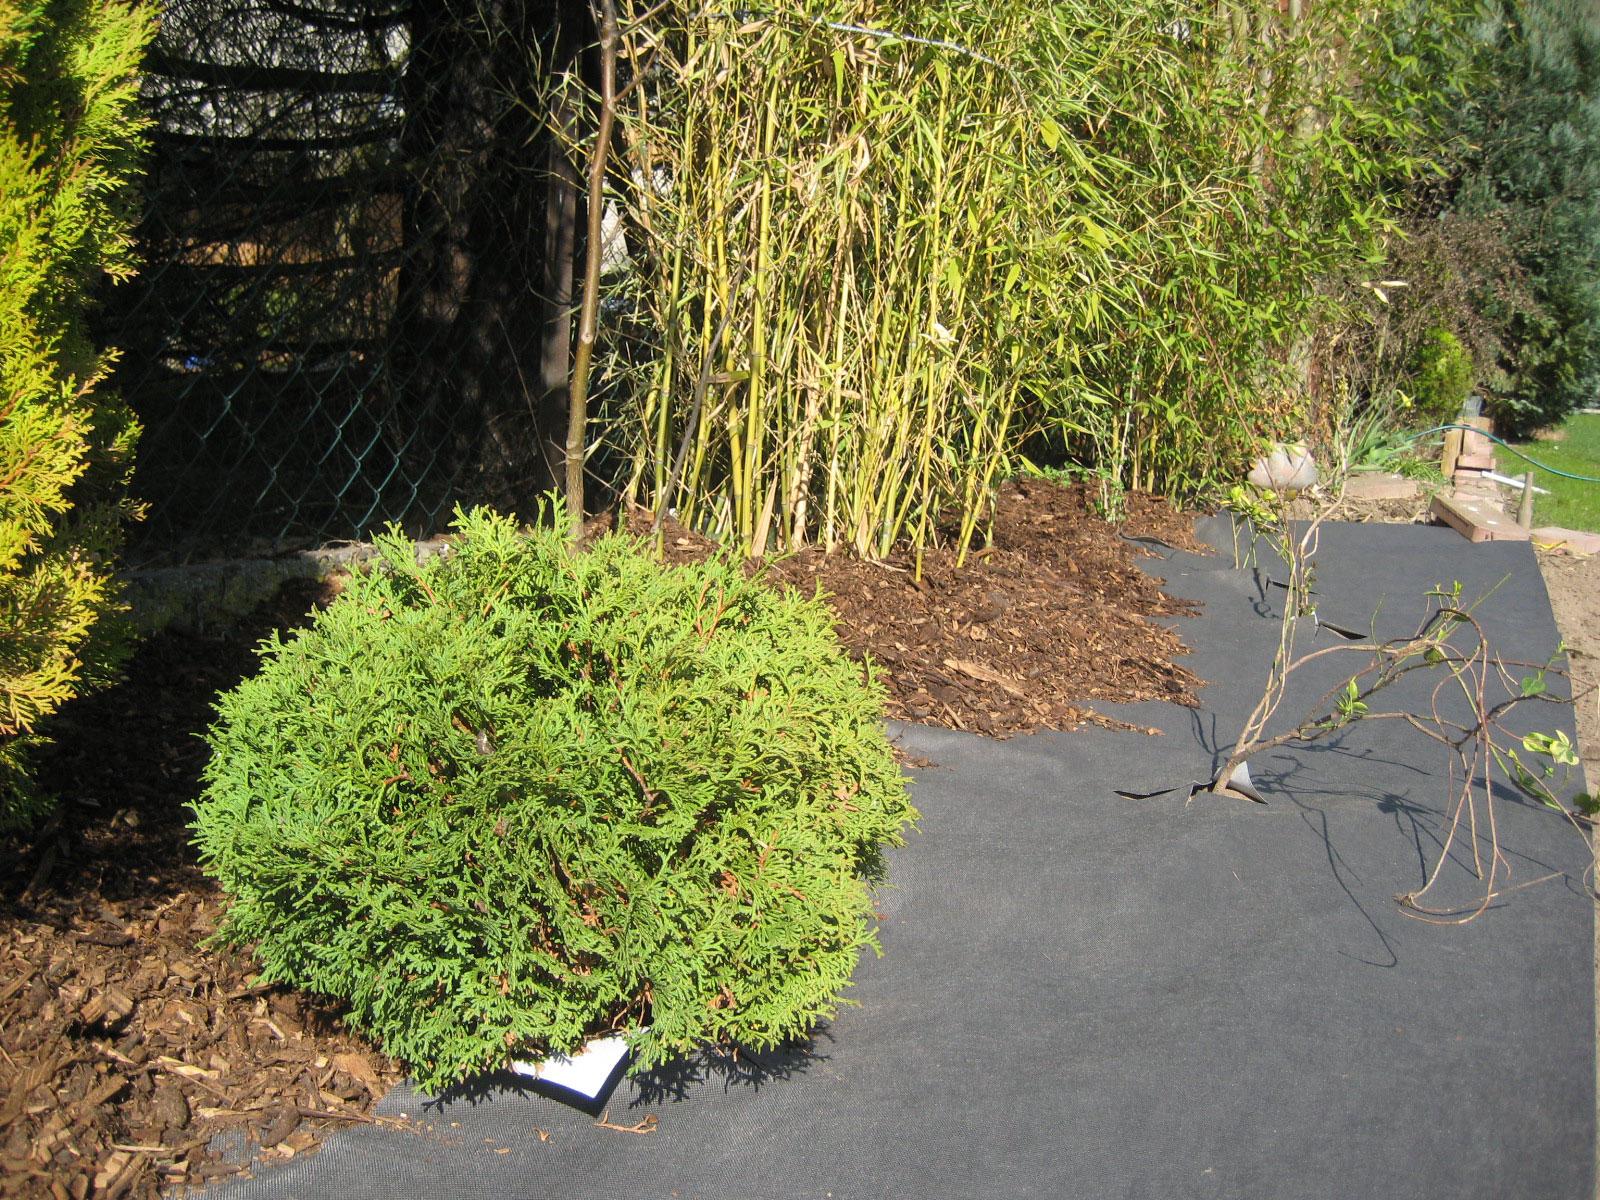 Bau, Garten- und Landschaftsbau